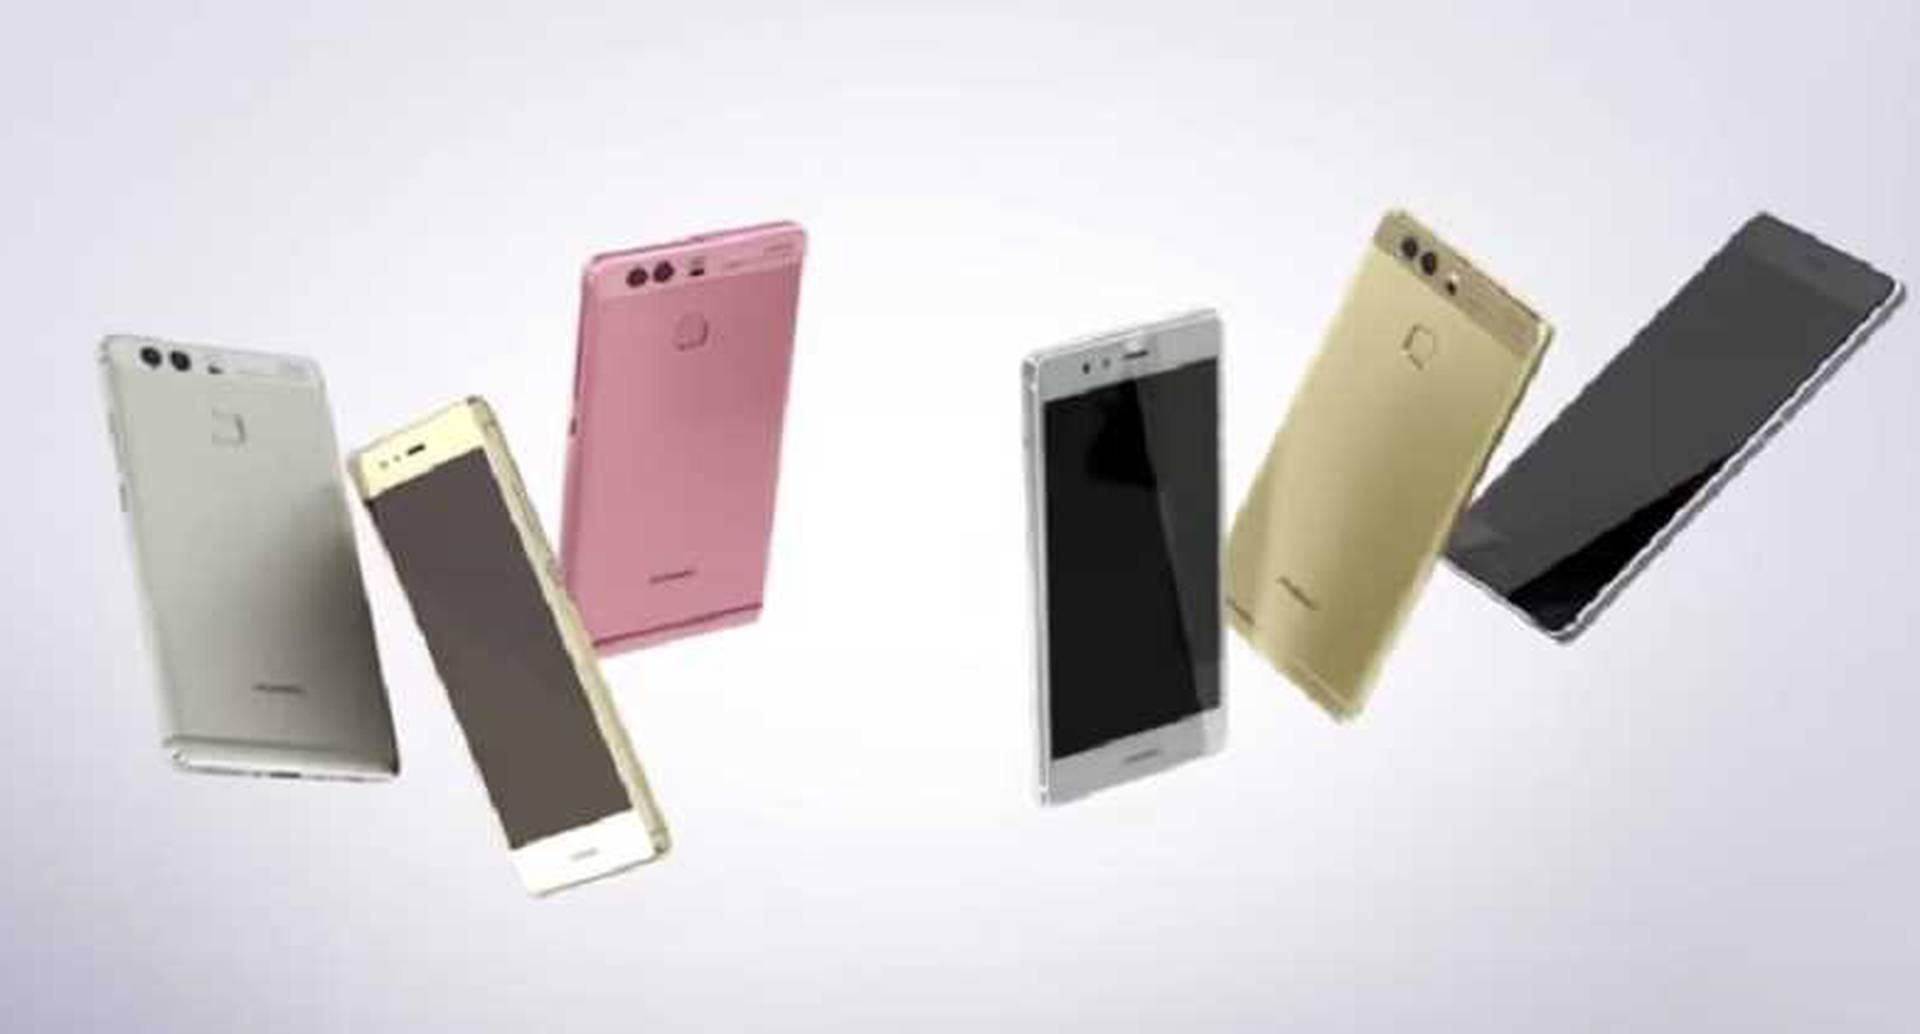 El Huawei P9 costará alrededor de 630 dólares y estará disponible a mediados de mayo.